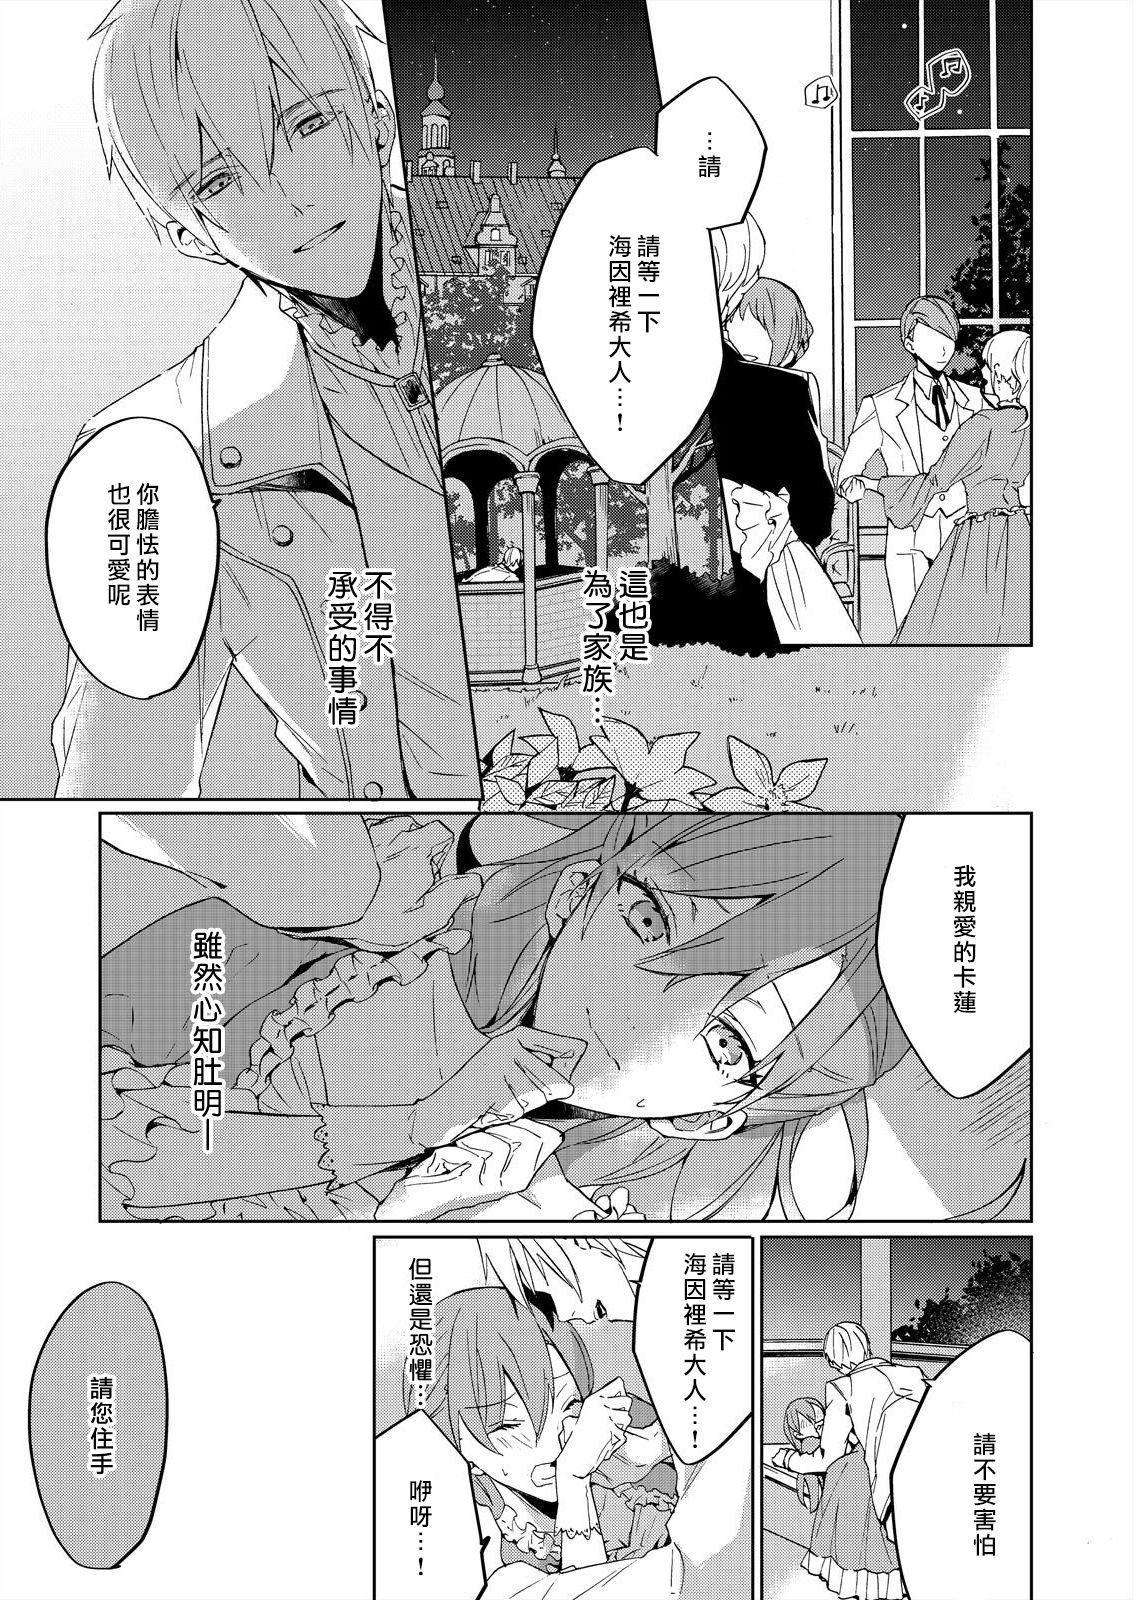 [Yuzushiwo] Akuyaku Reijou wa Ichizu ni Dekiai sarete ~Noumitsu Sex no Aite wa Juuboku~ | 被疯狂溺爱的反派大小姐~浓密性爱对象是仆从~ 1-5 [Chinese] [莉赛特汉化组] 2